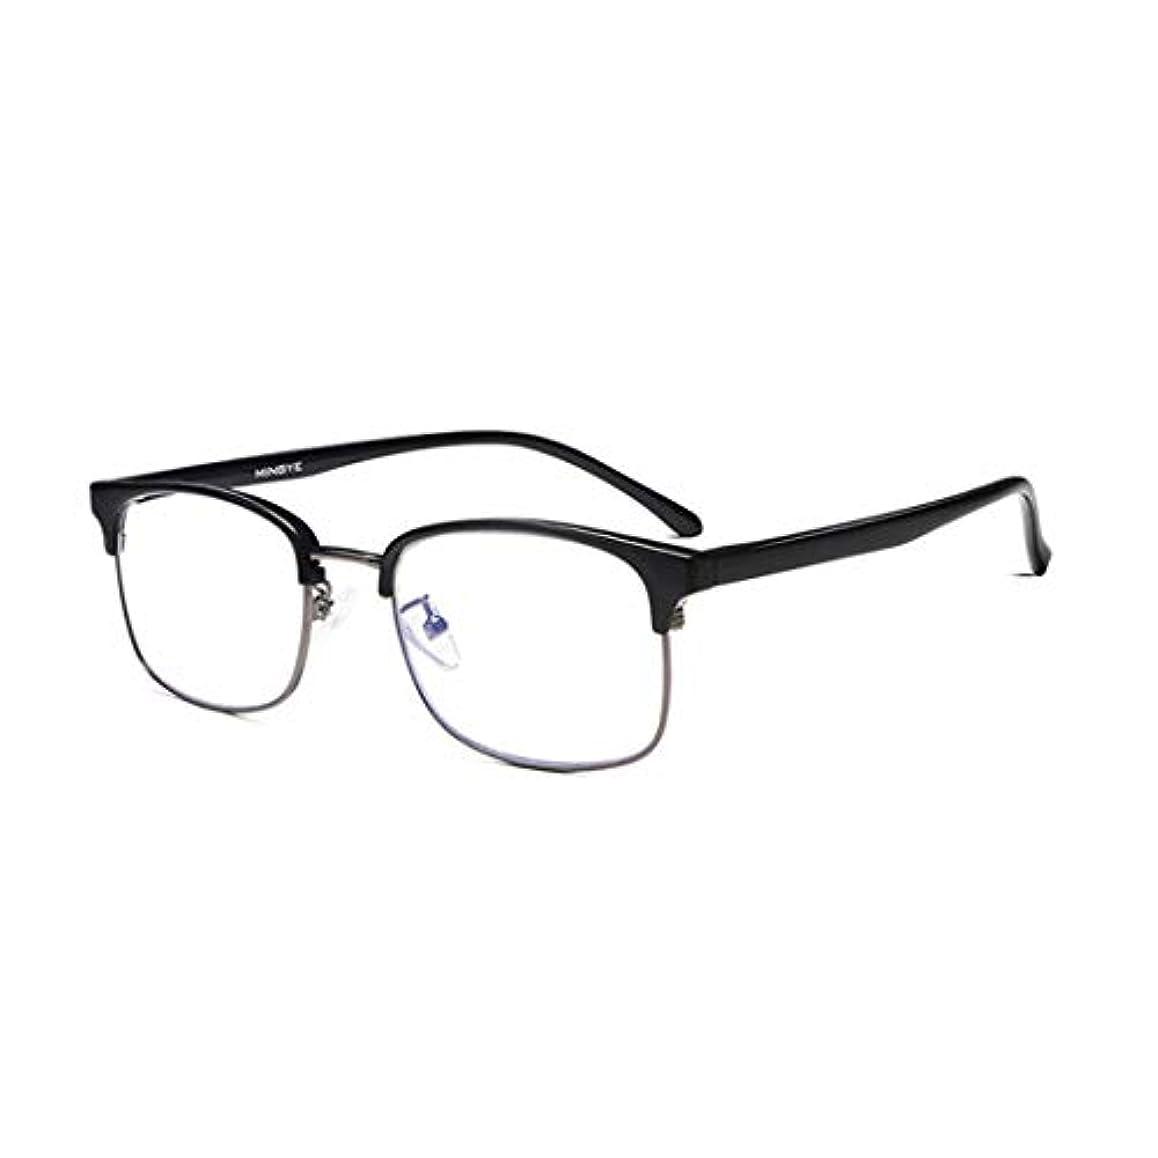 アンチブルーリーディングメガネ、デュアルユーススマートズームメガネ、超軽量高解像度アンチブルー放射線メガネ、抗疲労およびハードPCレンズ